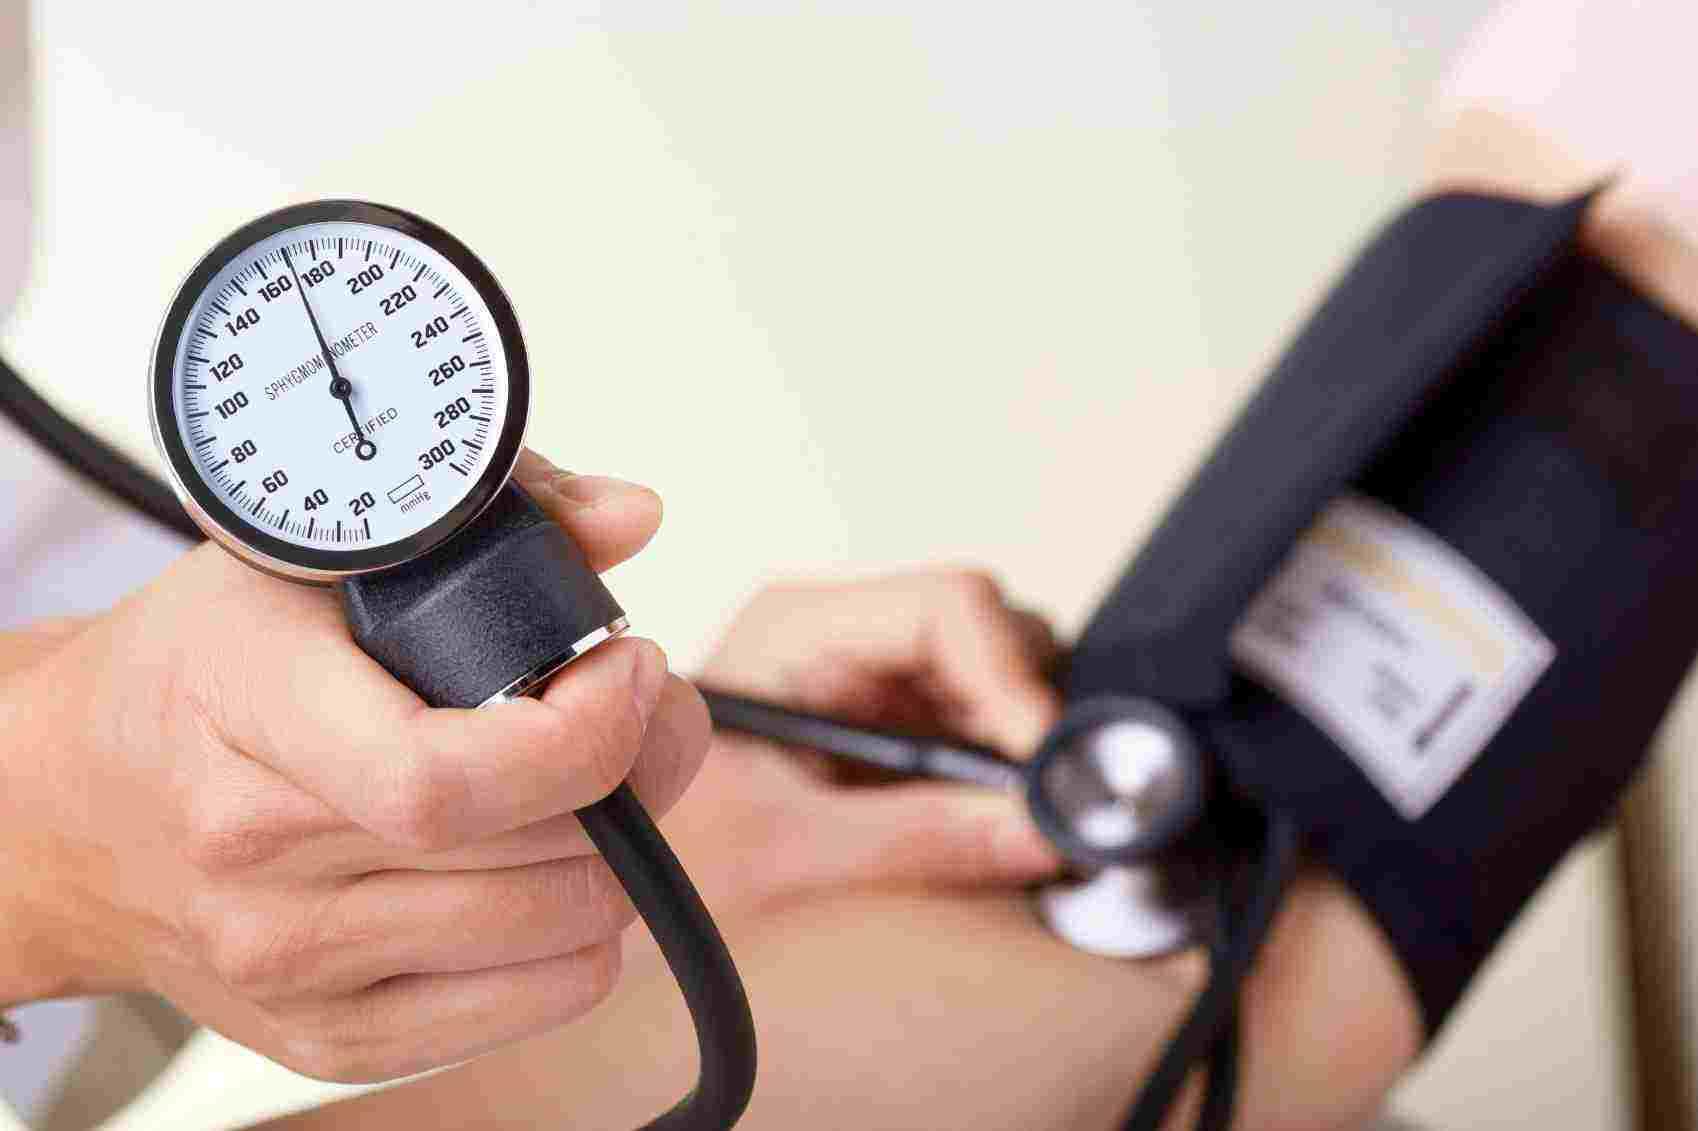 فشار خون حاملگی+ دوران بارداری